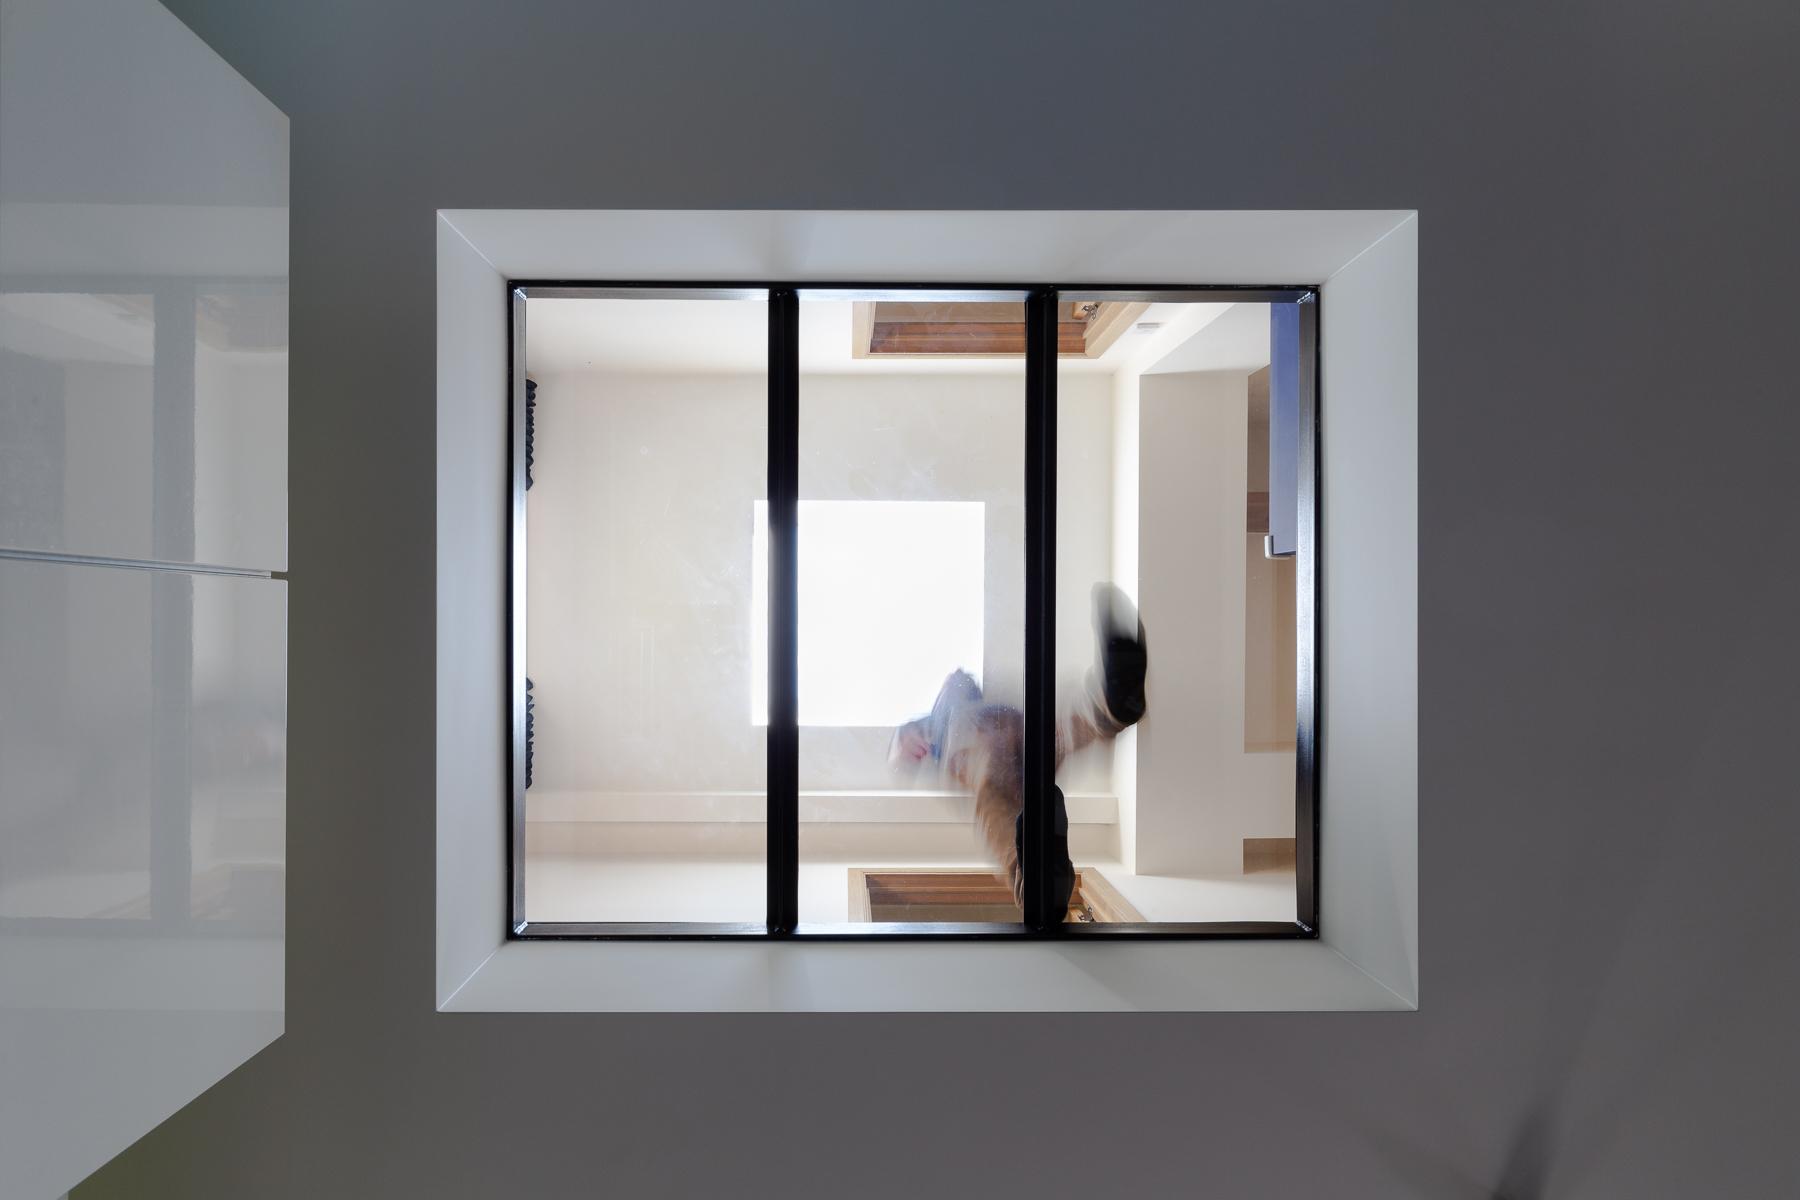 interieur dalle vitrée lumiere